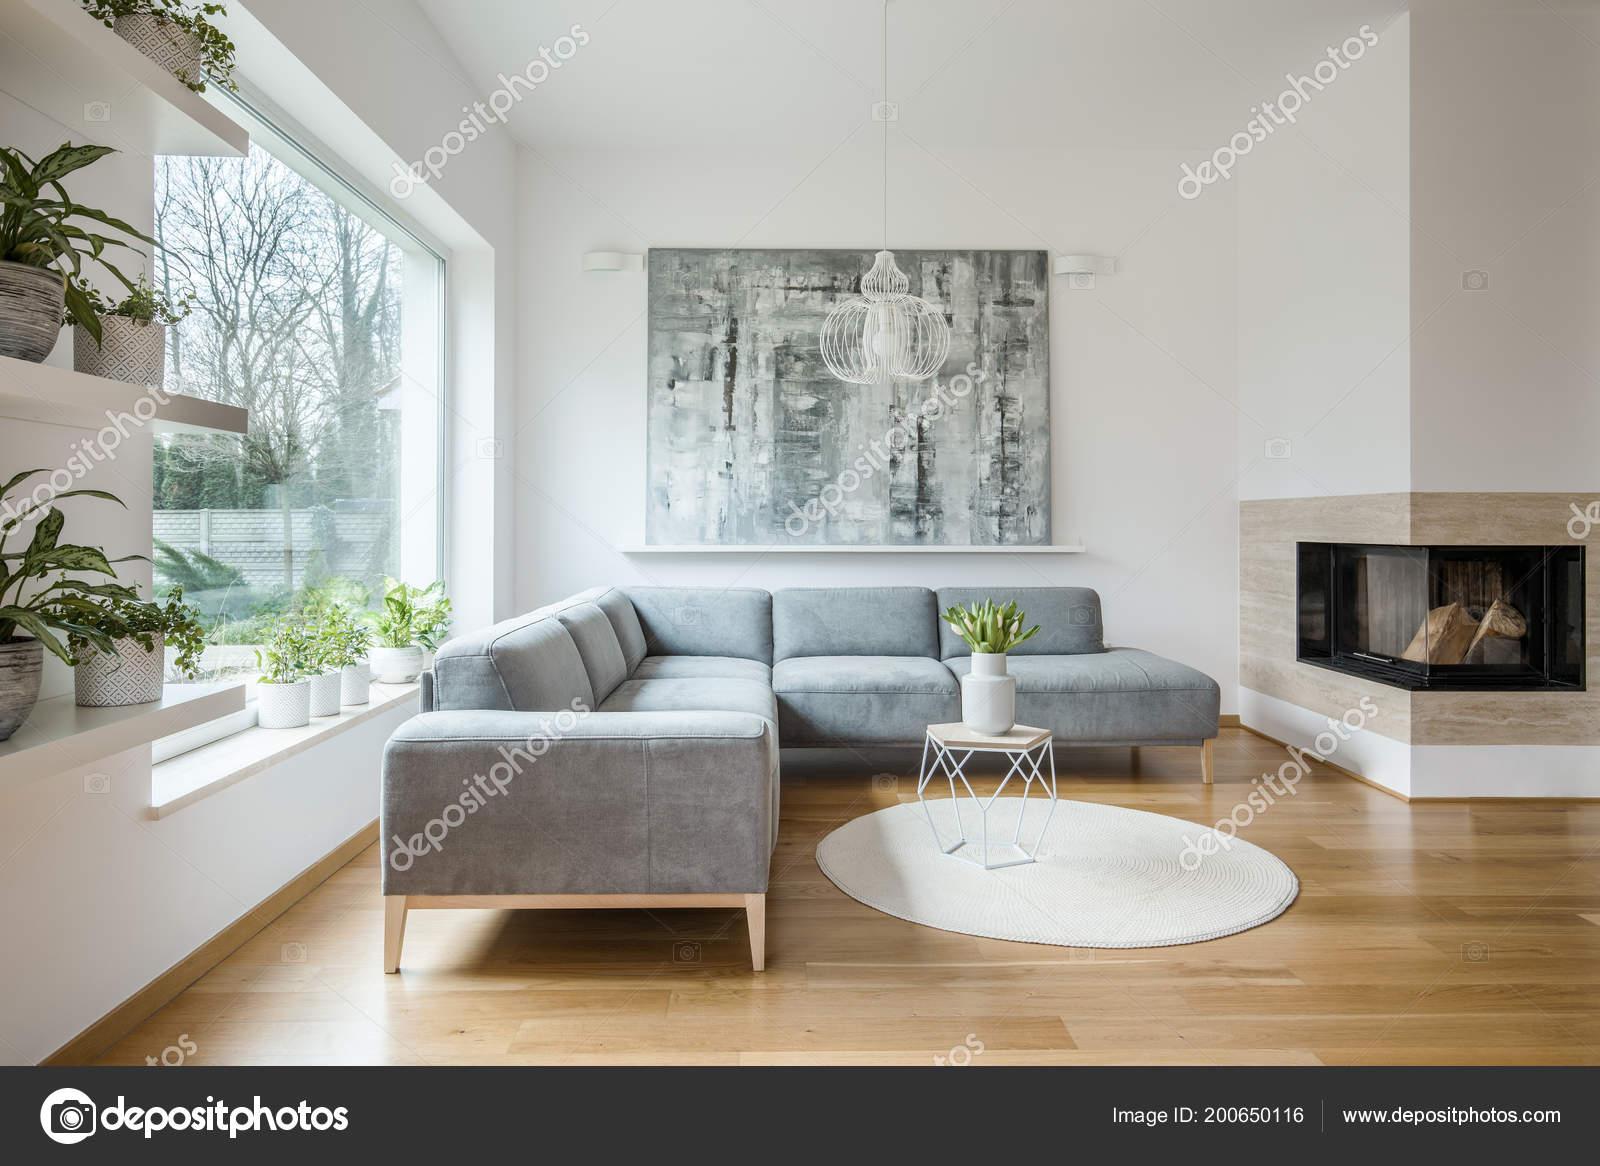 Weiße Wohnzimmer Interieur Mit Grauen Ecke Sofa Große ...